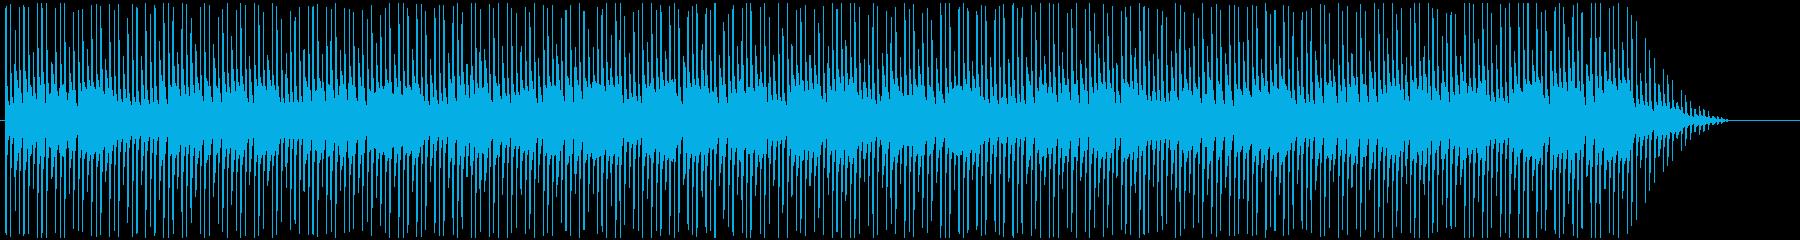 ファミコン風BGM、Actシューティングの再生済みの波形